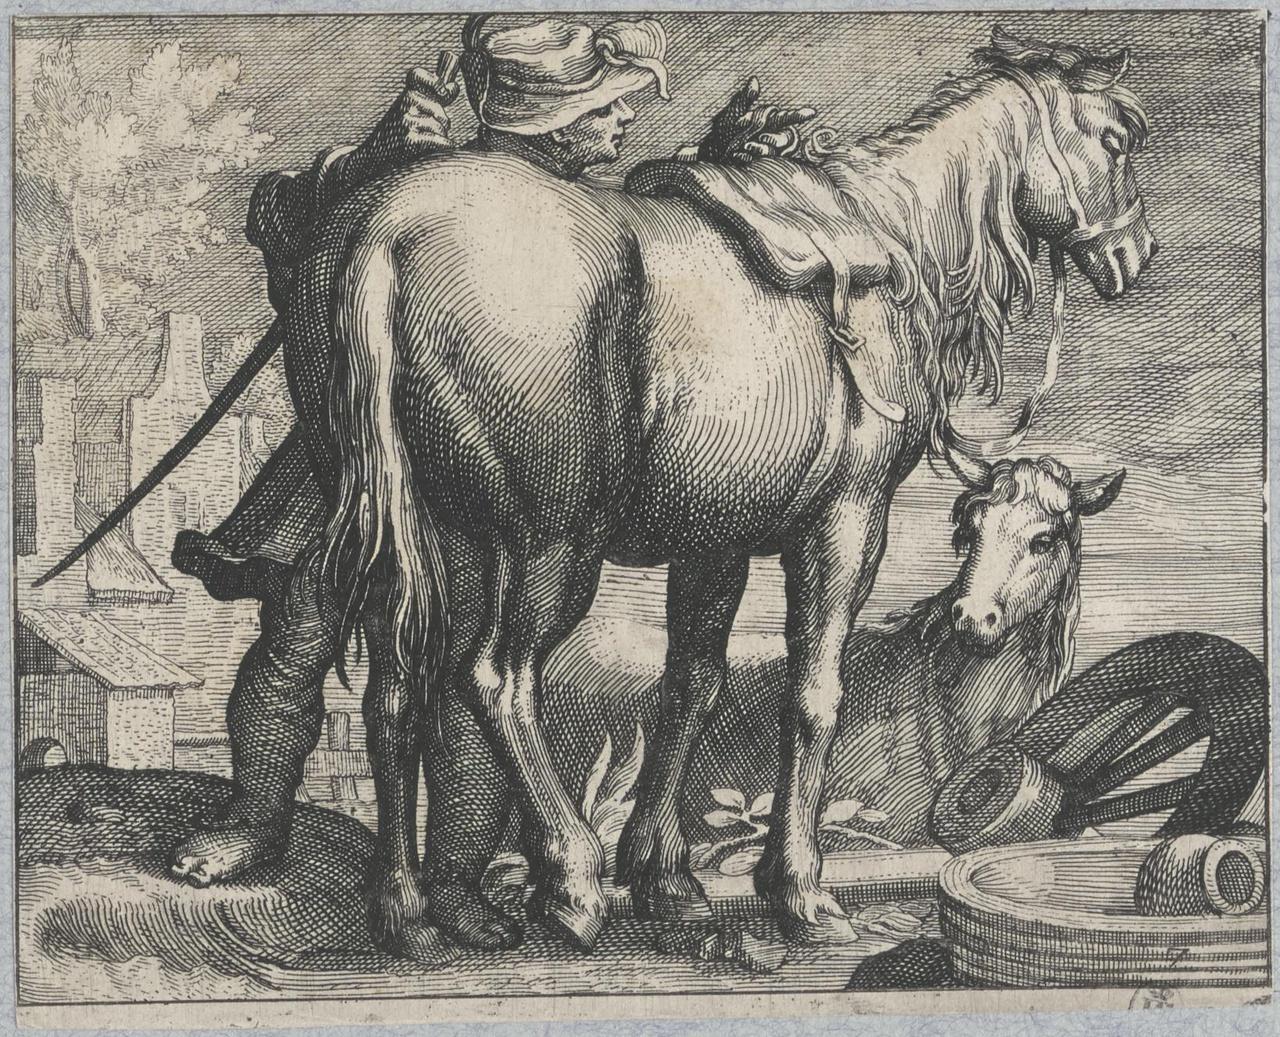 Ruiter en paard in landschap met een gebroken wagenwiel